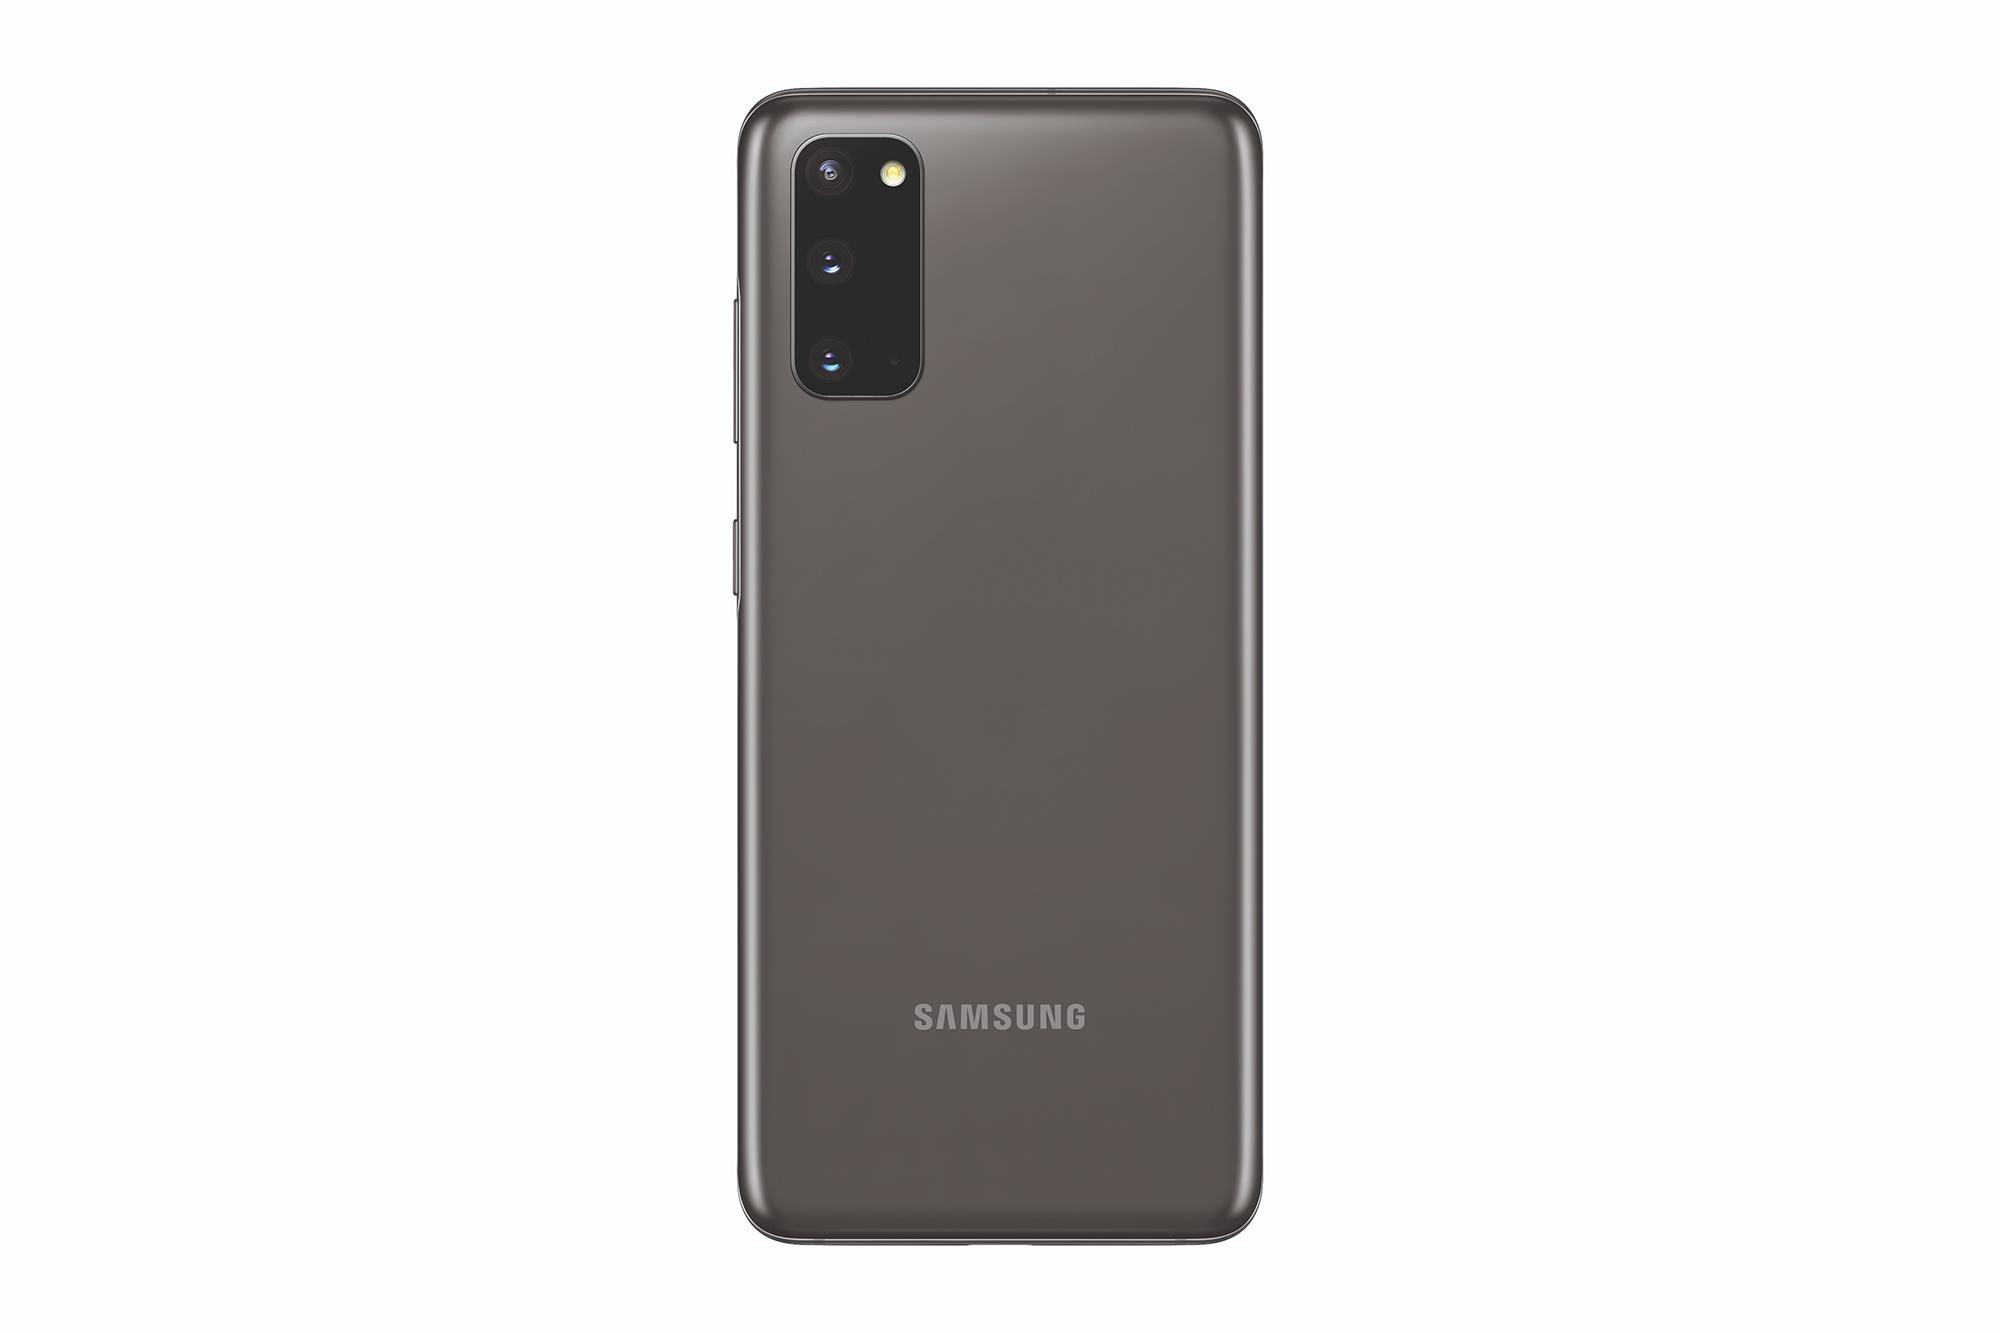 Rückseite des Samsung Galaxy S20